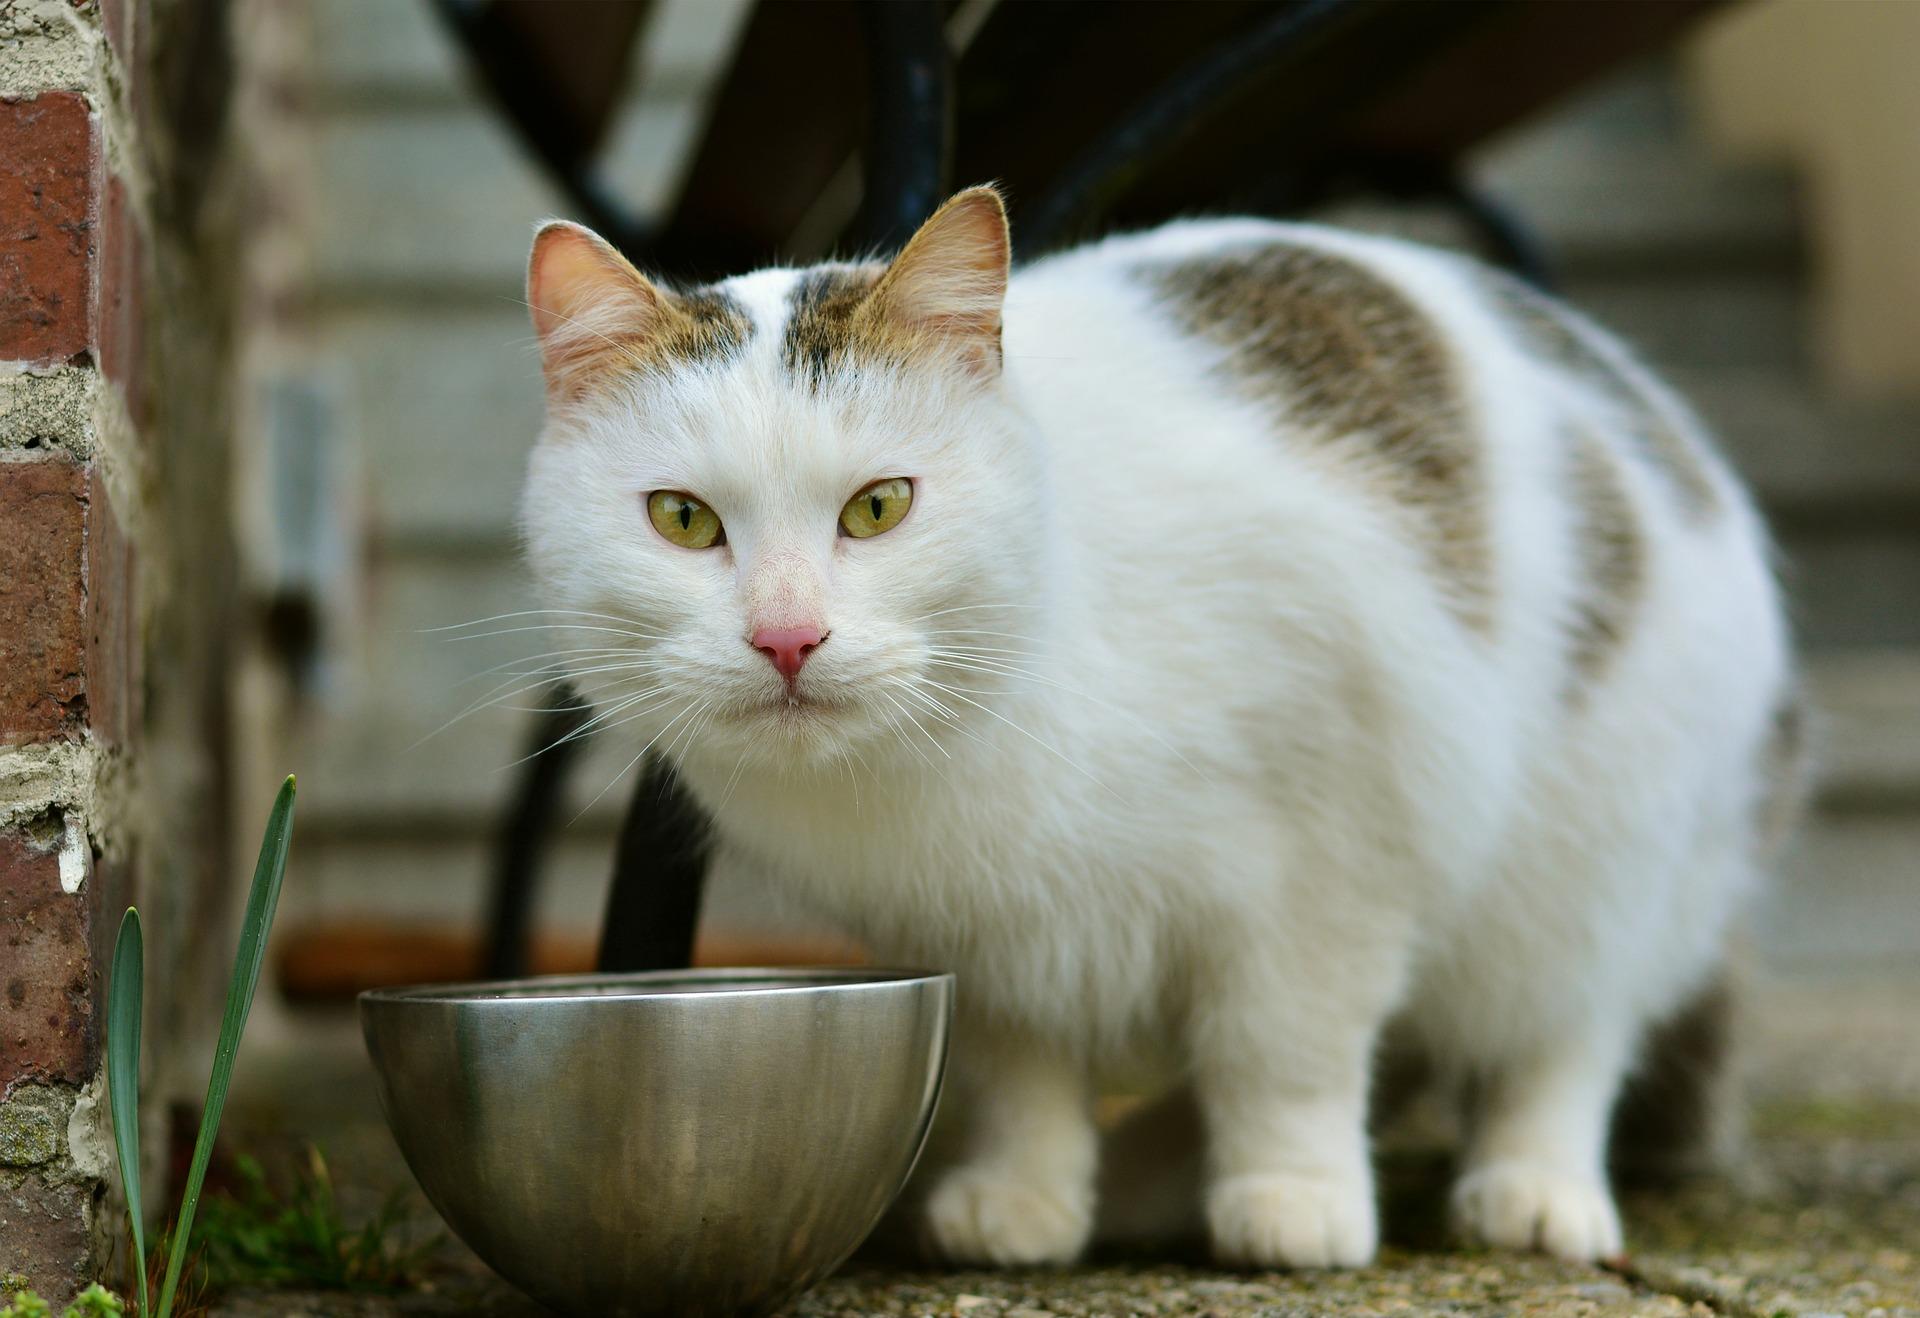 A cat sitting in a bowl